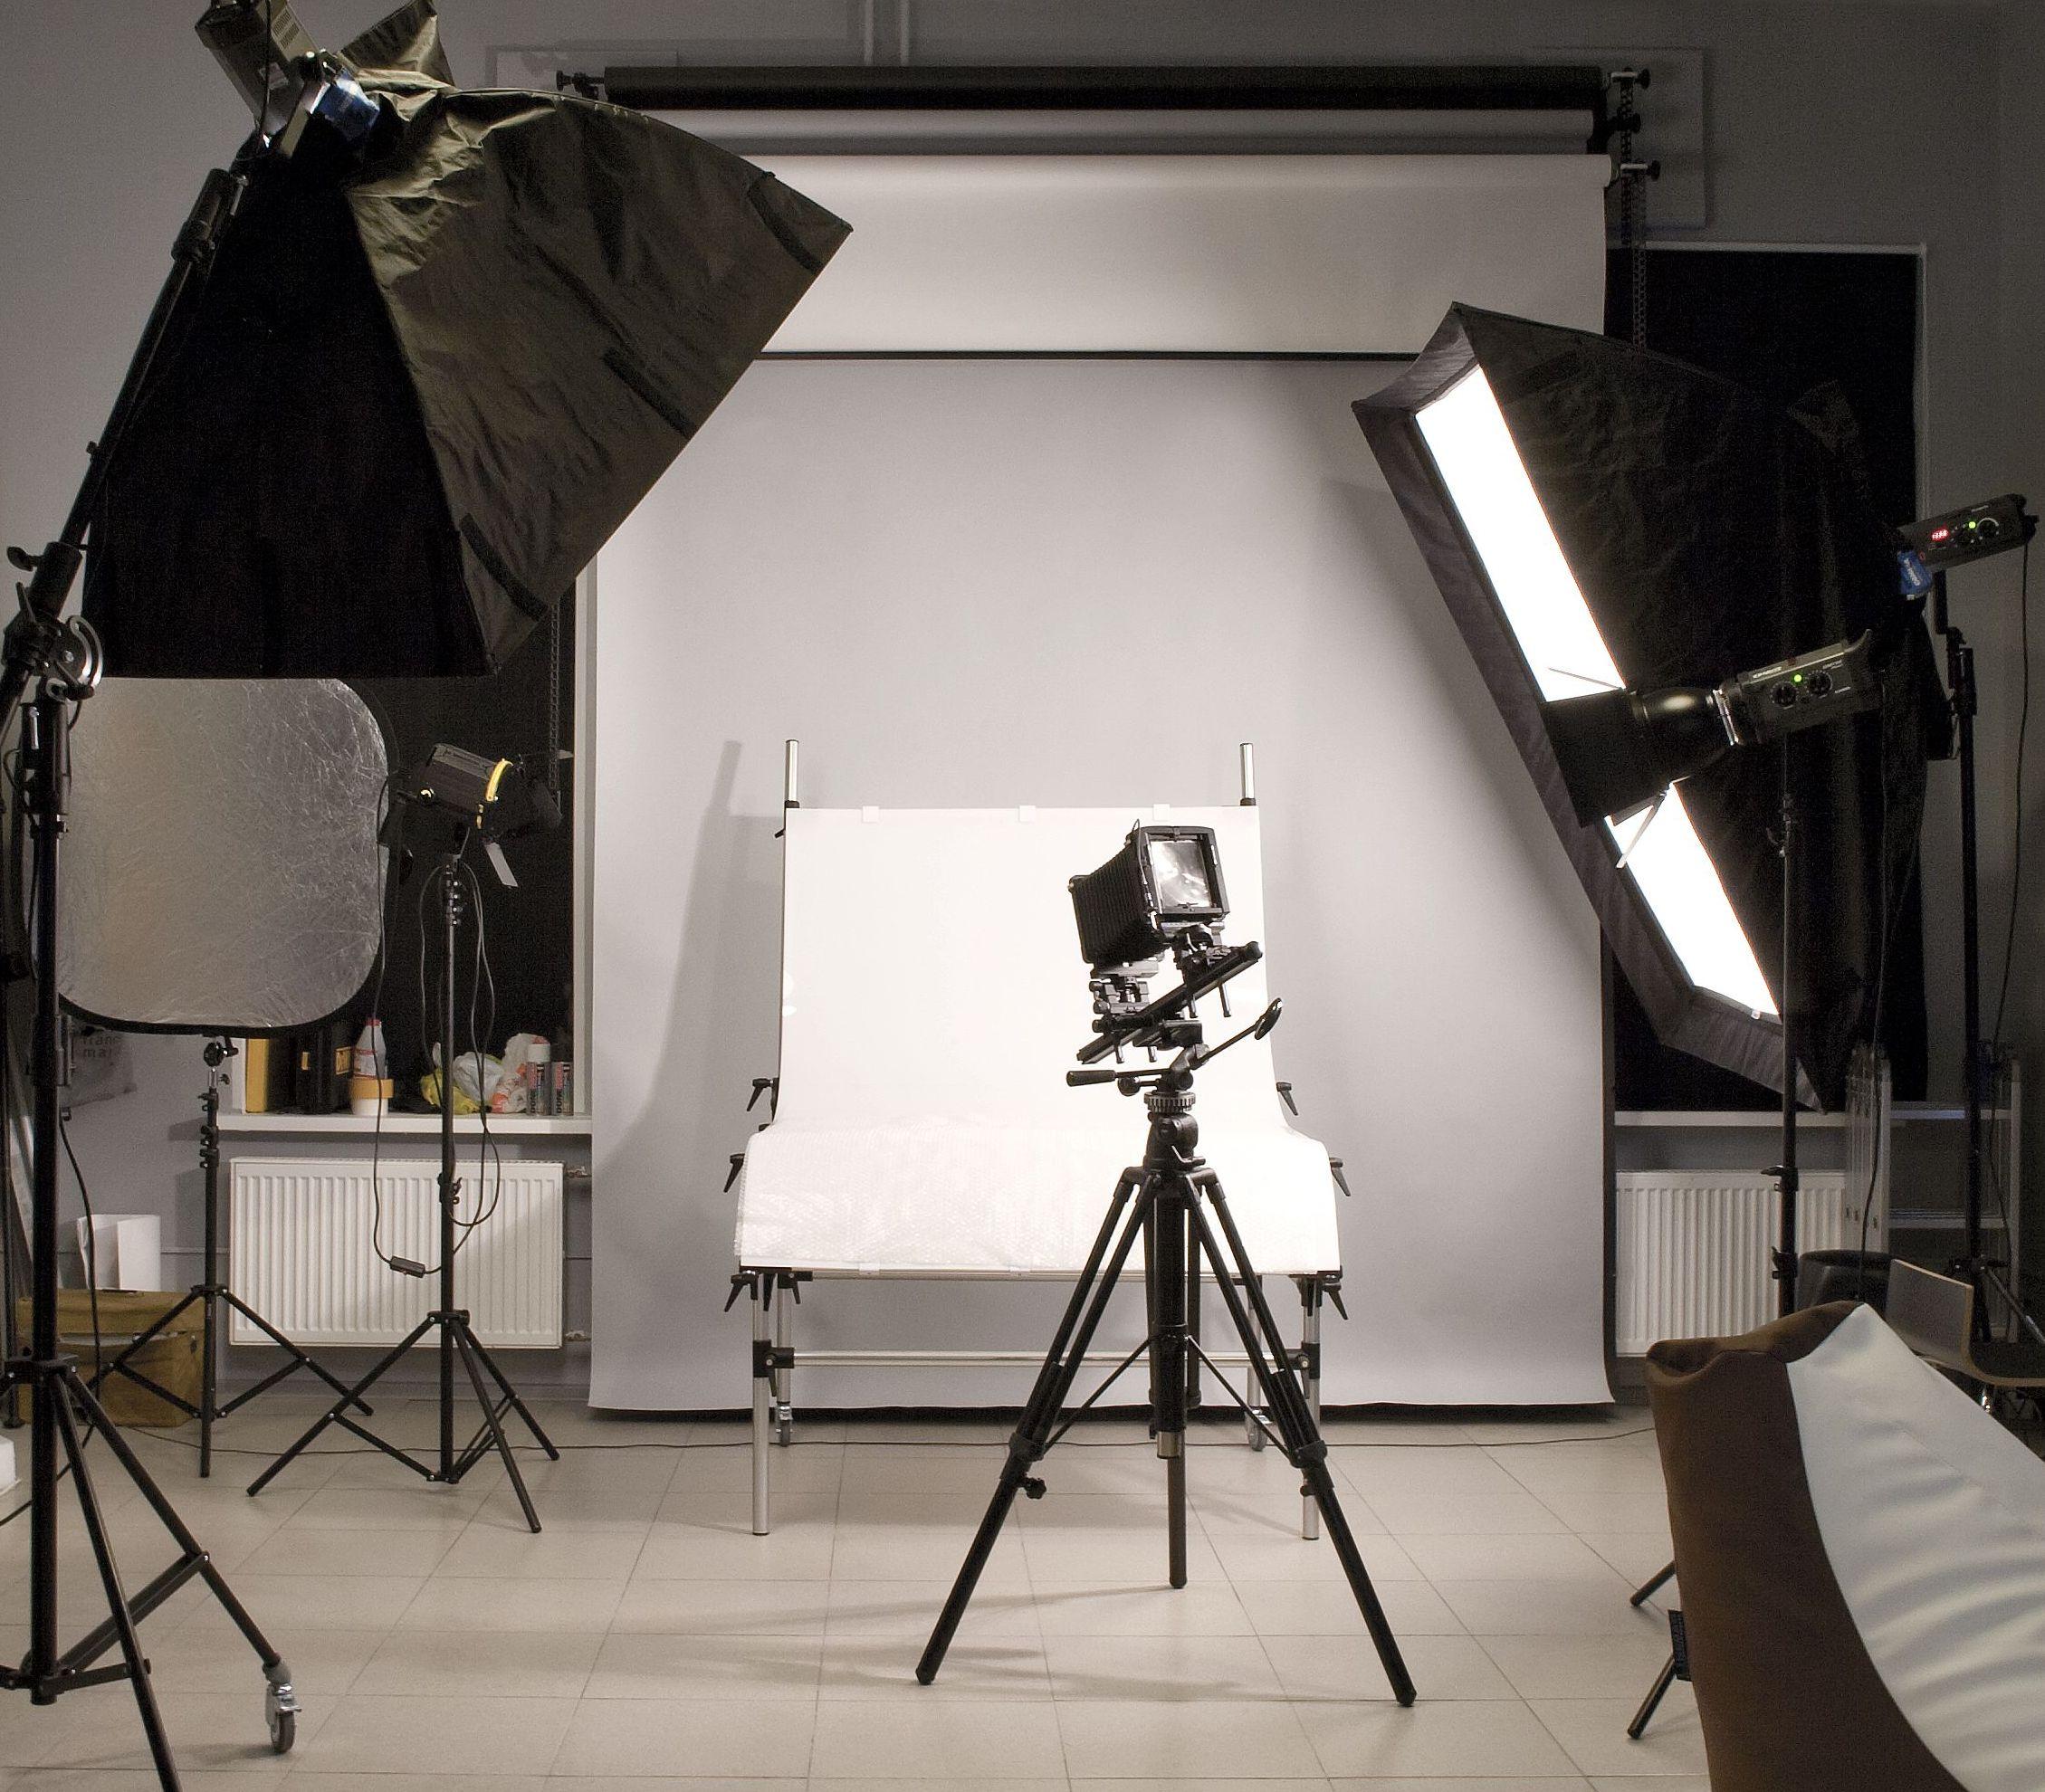 числа как сделать профессиональную портретную фотостудию чтоб